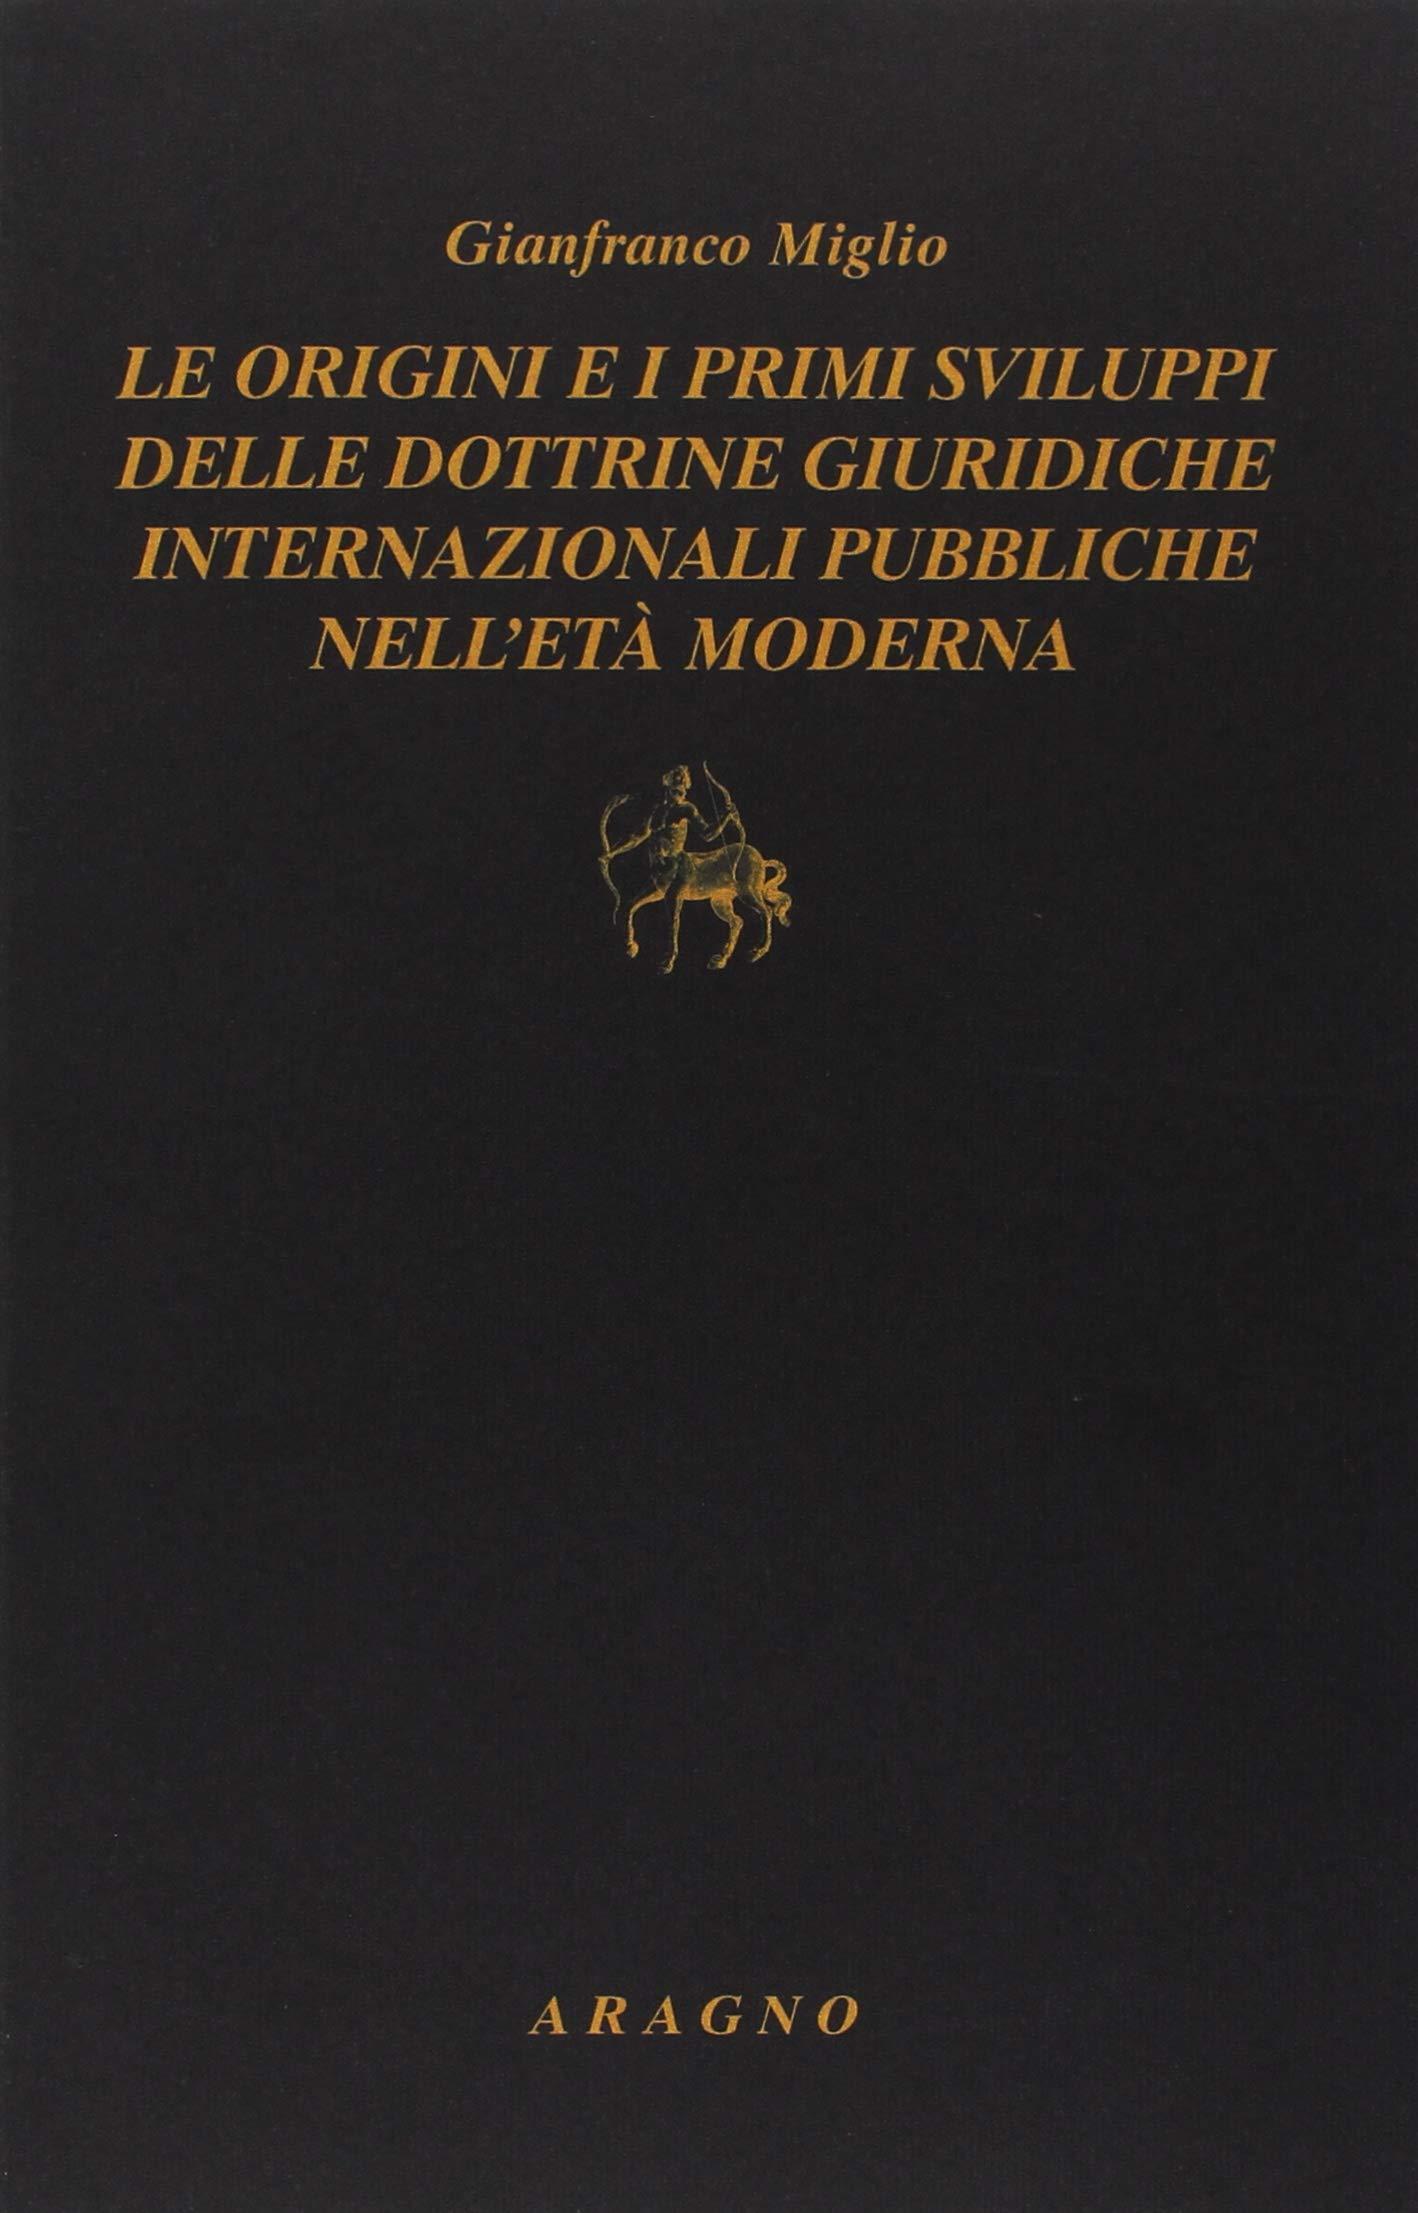 Origini e primi sviluppi delle dottrine giuridiche internazionali Copertina flessibile – 8 giu 2018 Gianfranco Miglio Aragno 8884198755 DIRITTO